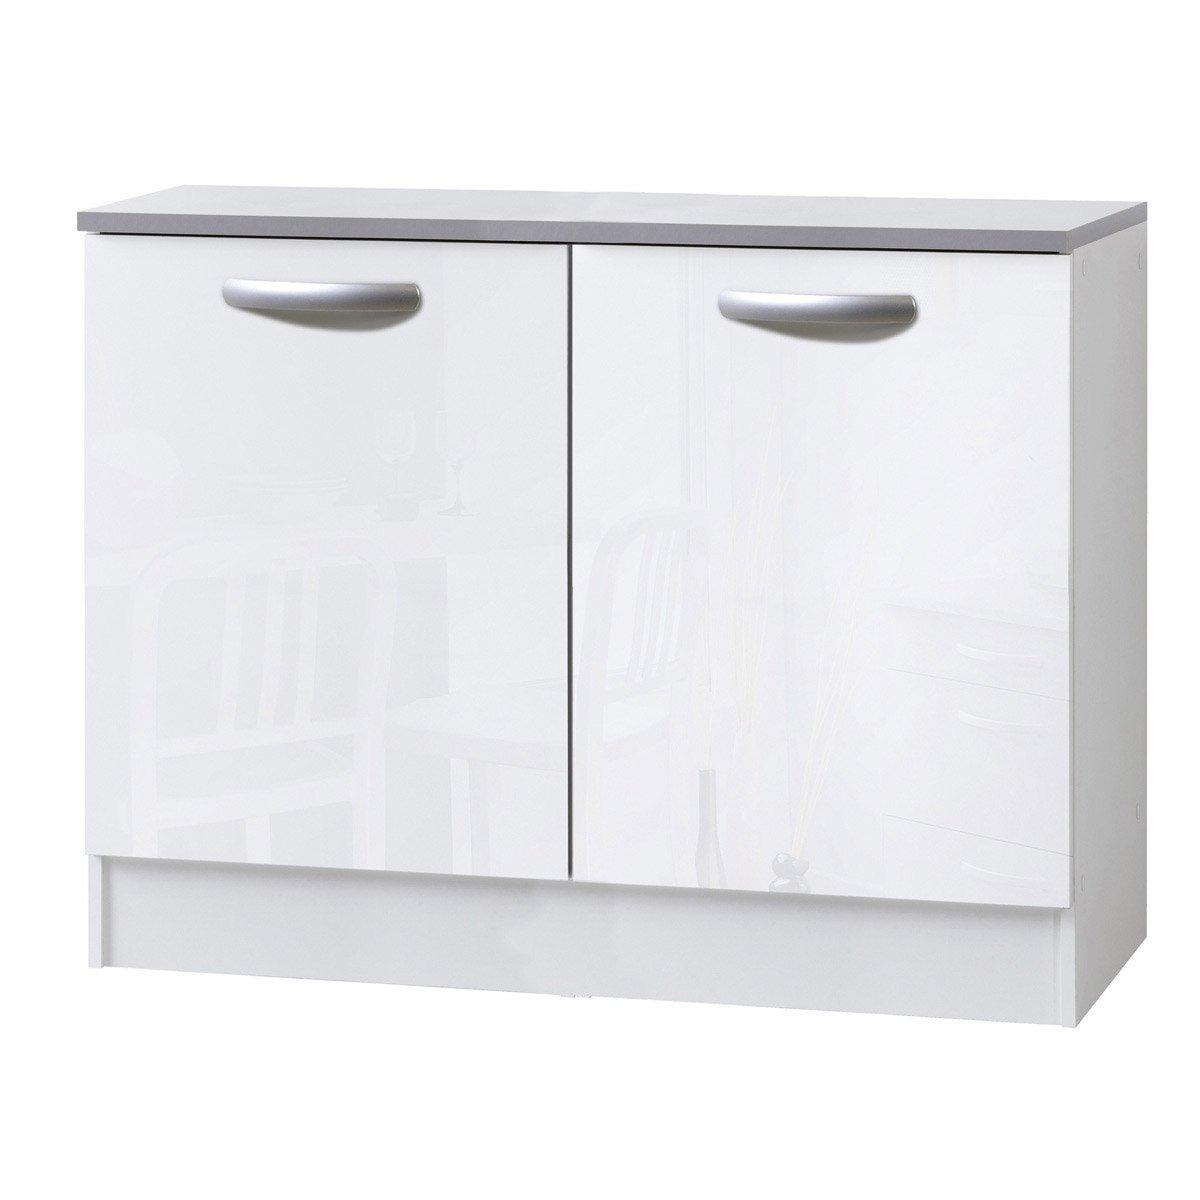 meuble de cuisine bas 2 portes blanc brillant h86x l120x p60cm